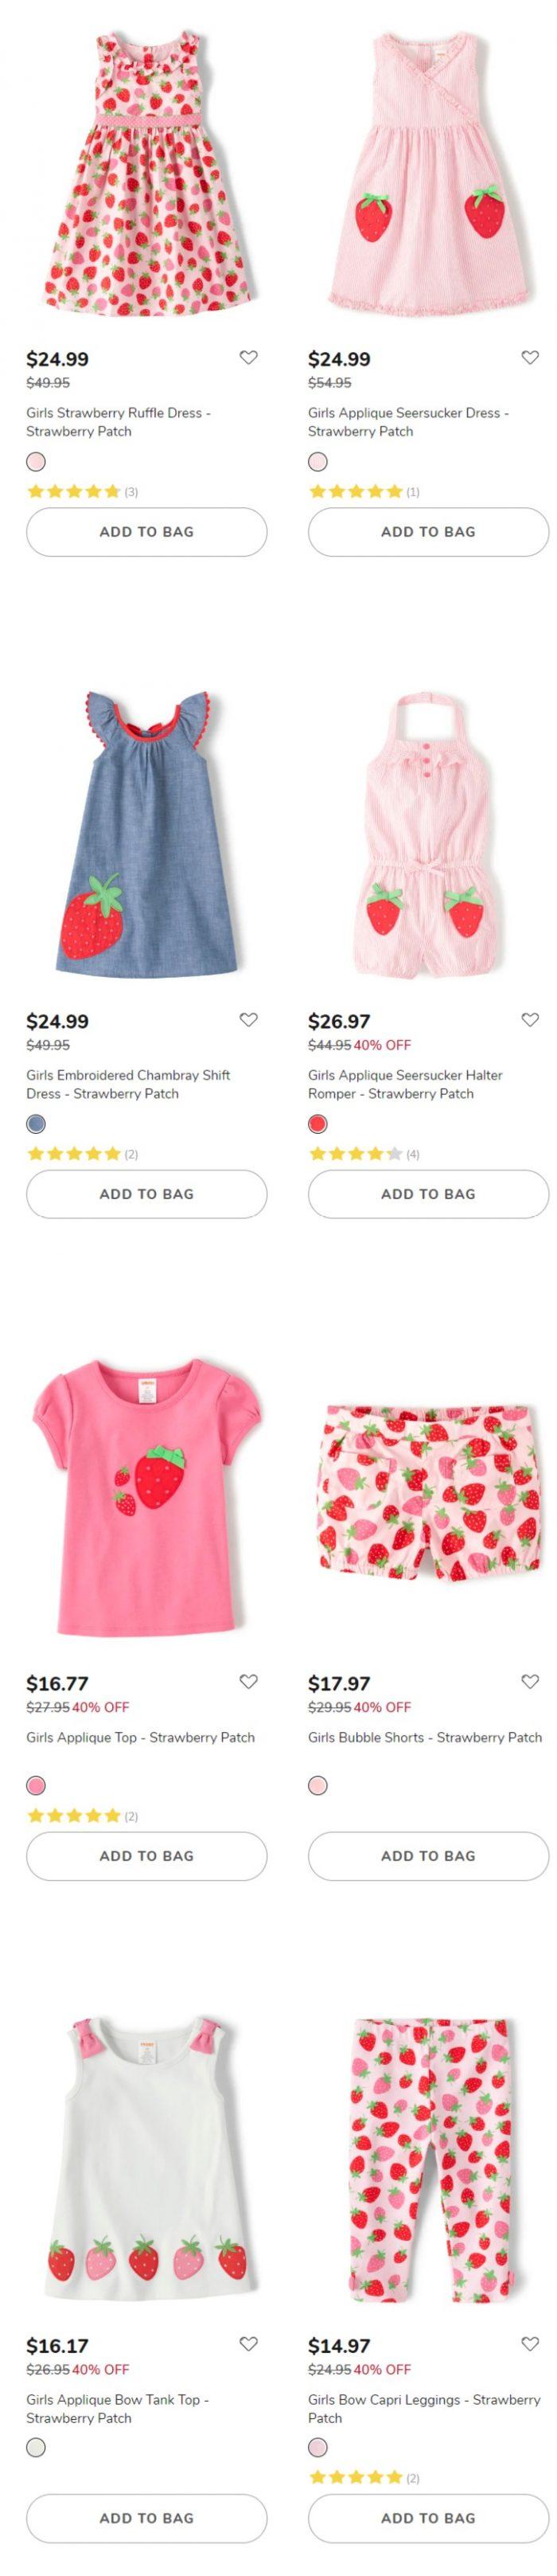 Gymboree精选儿童夏季连衣裙、短裤、T恤等5折+包邮无关税!入超可爱草莓及海洋系列!